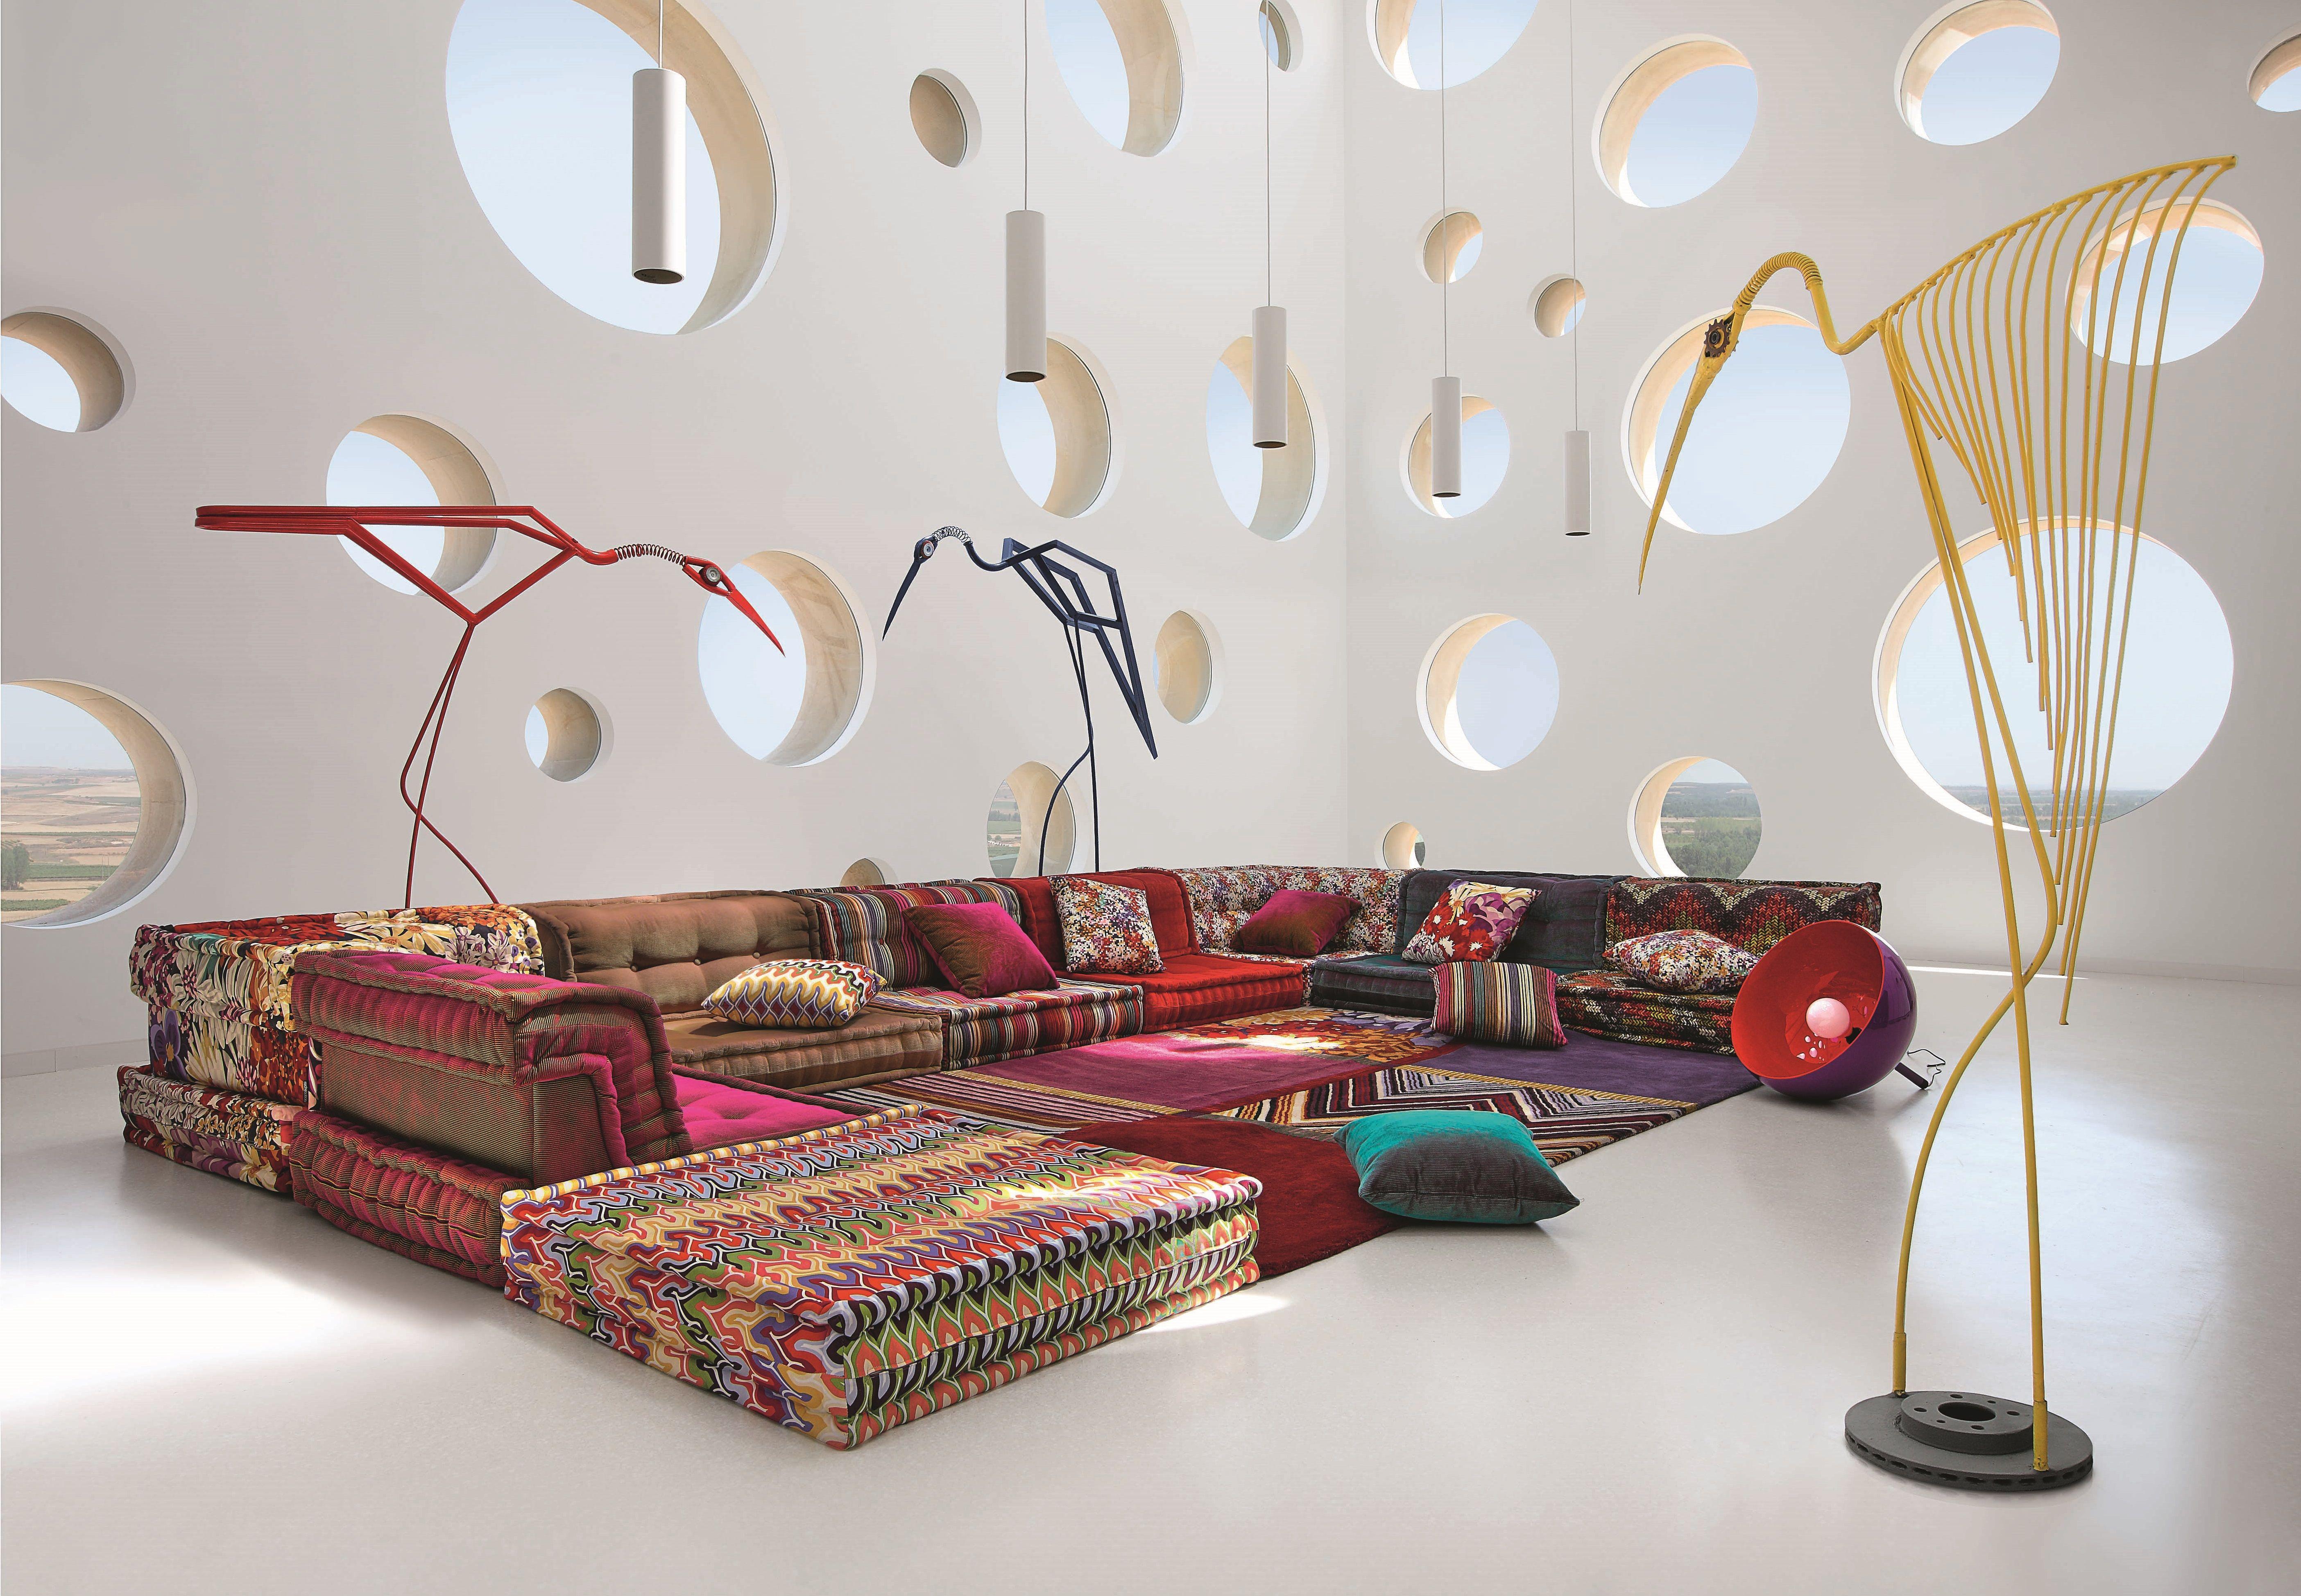 Roche Bobois Mah Jong Modular Sofa Upholstered In Missoni Home